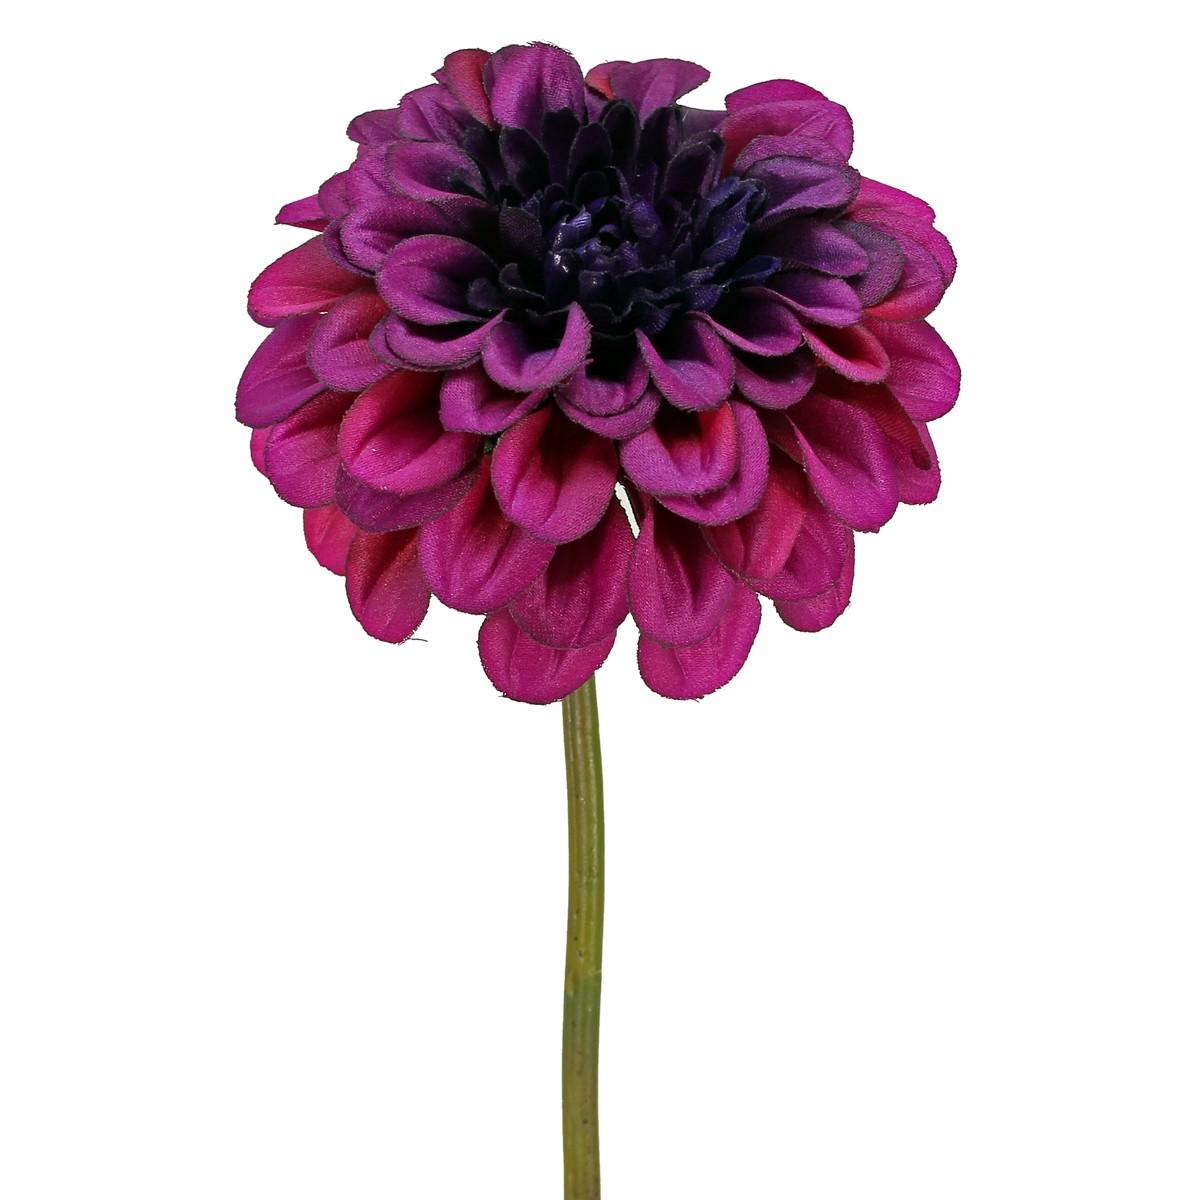 即日 【造花】パレ/ジニアピック パープル/P-8161-80《 造花(アーティフィシャルフラワー) 造花 花材「さ行」 ジニア 》